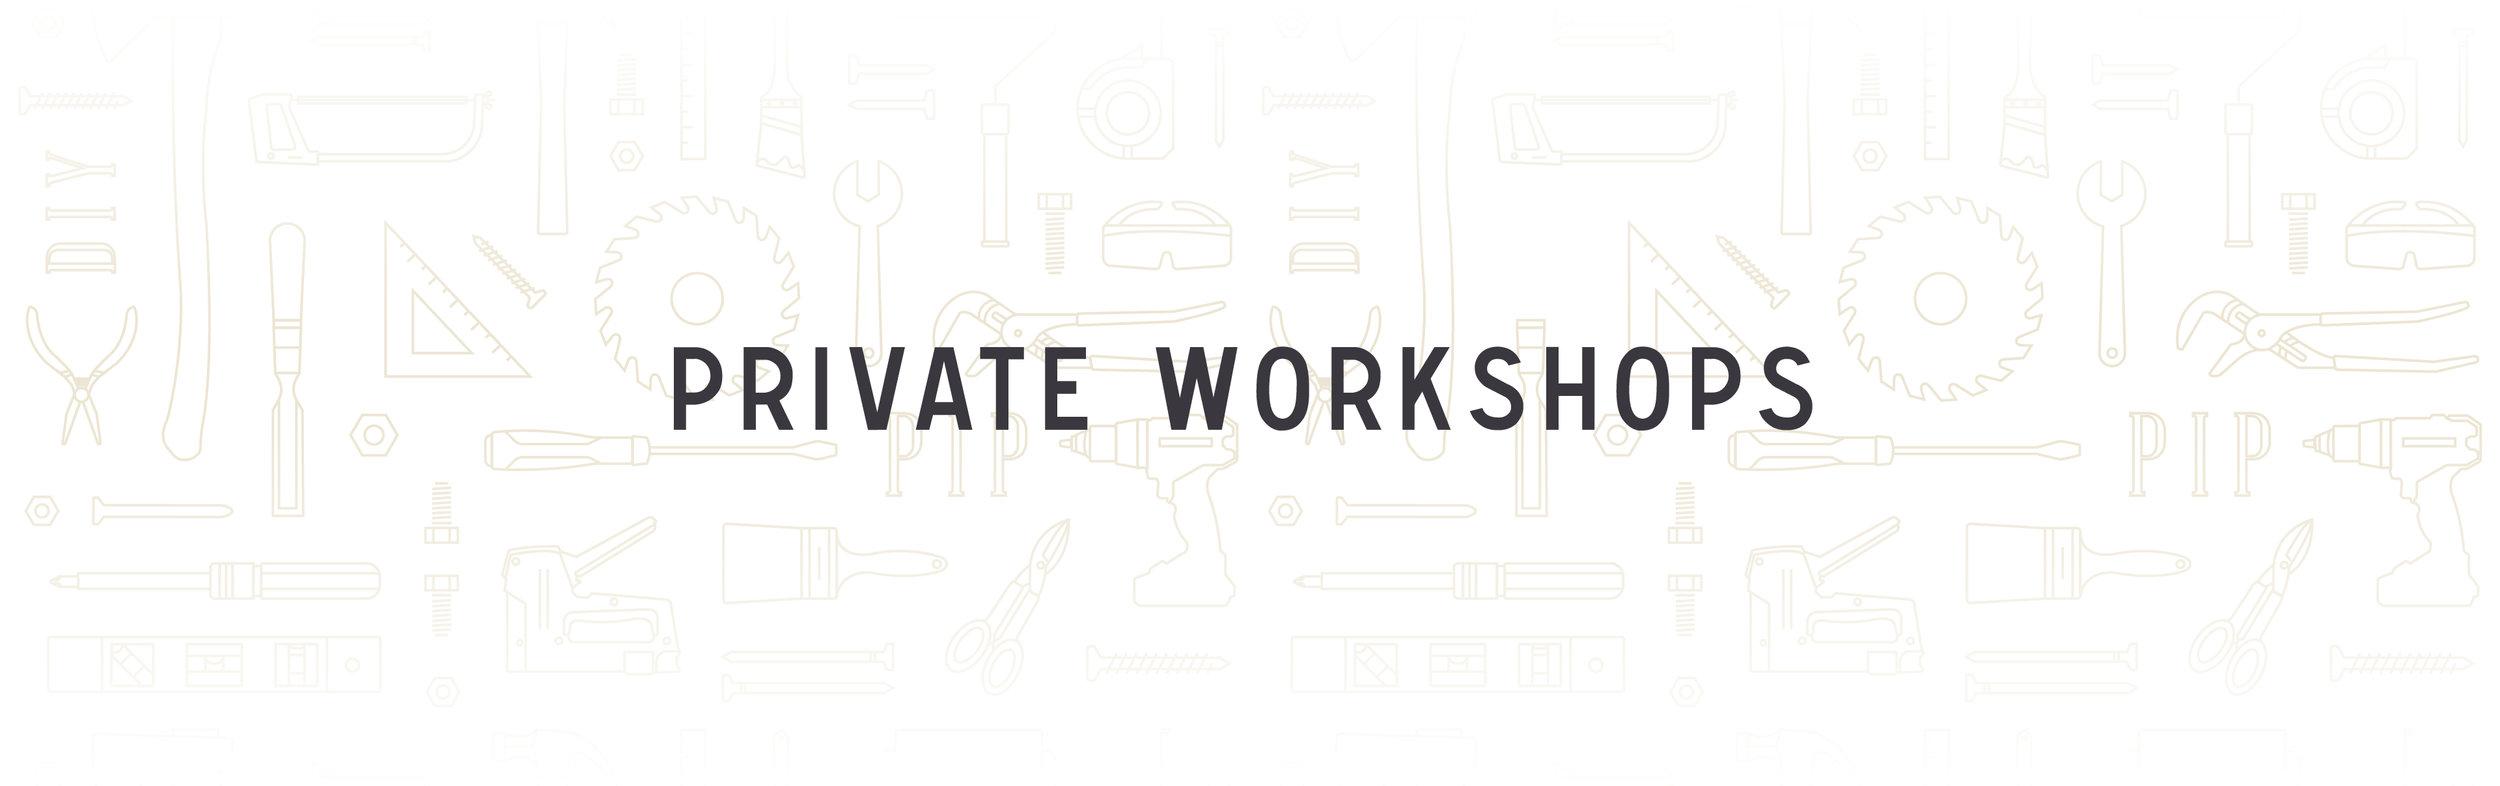 privateworkshops.jpg